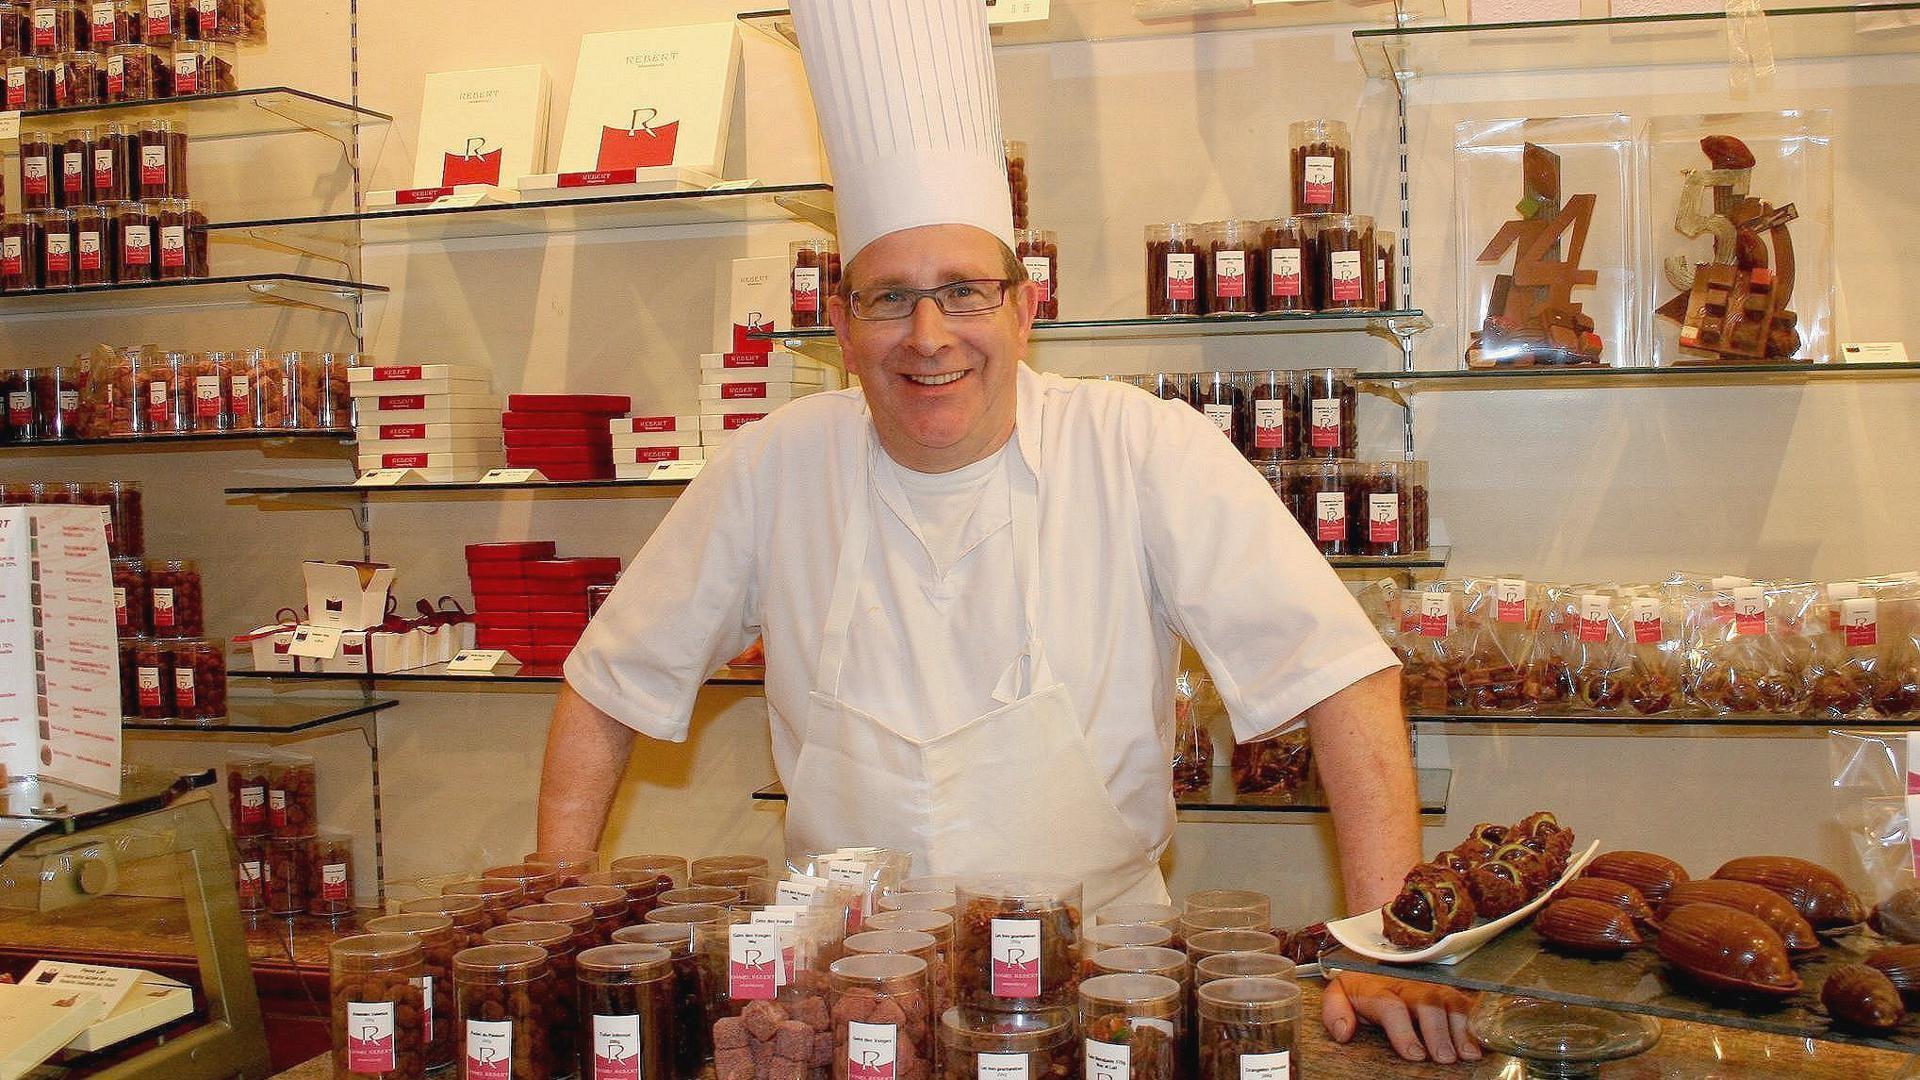 Hoch dekoriert: Patissier Daniel Rebert, Chef der gleichnamigen Konditorei im idyllischen Wissembourg.